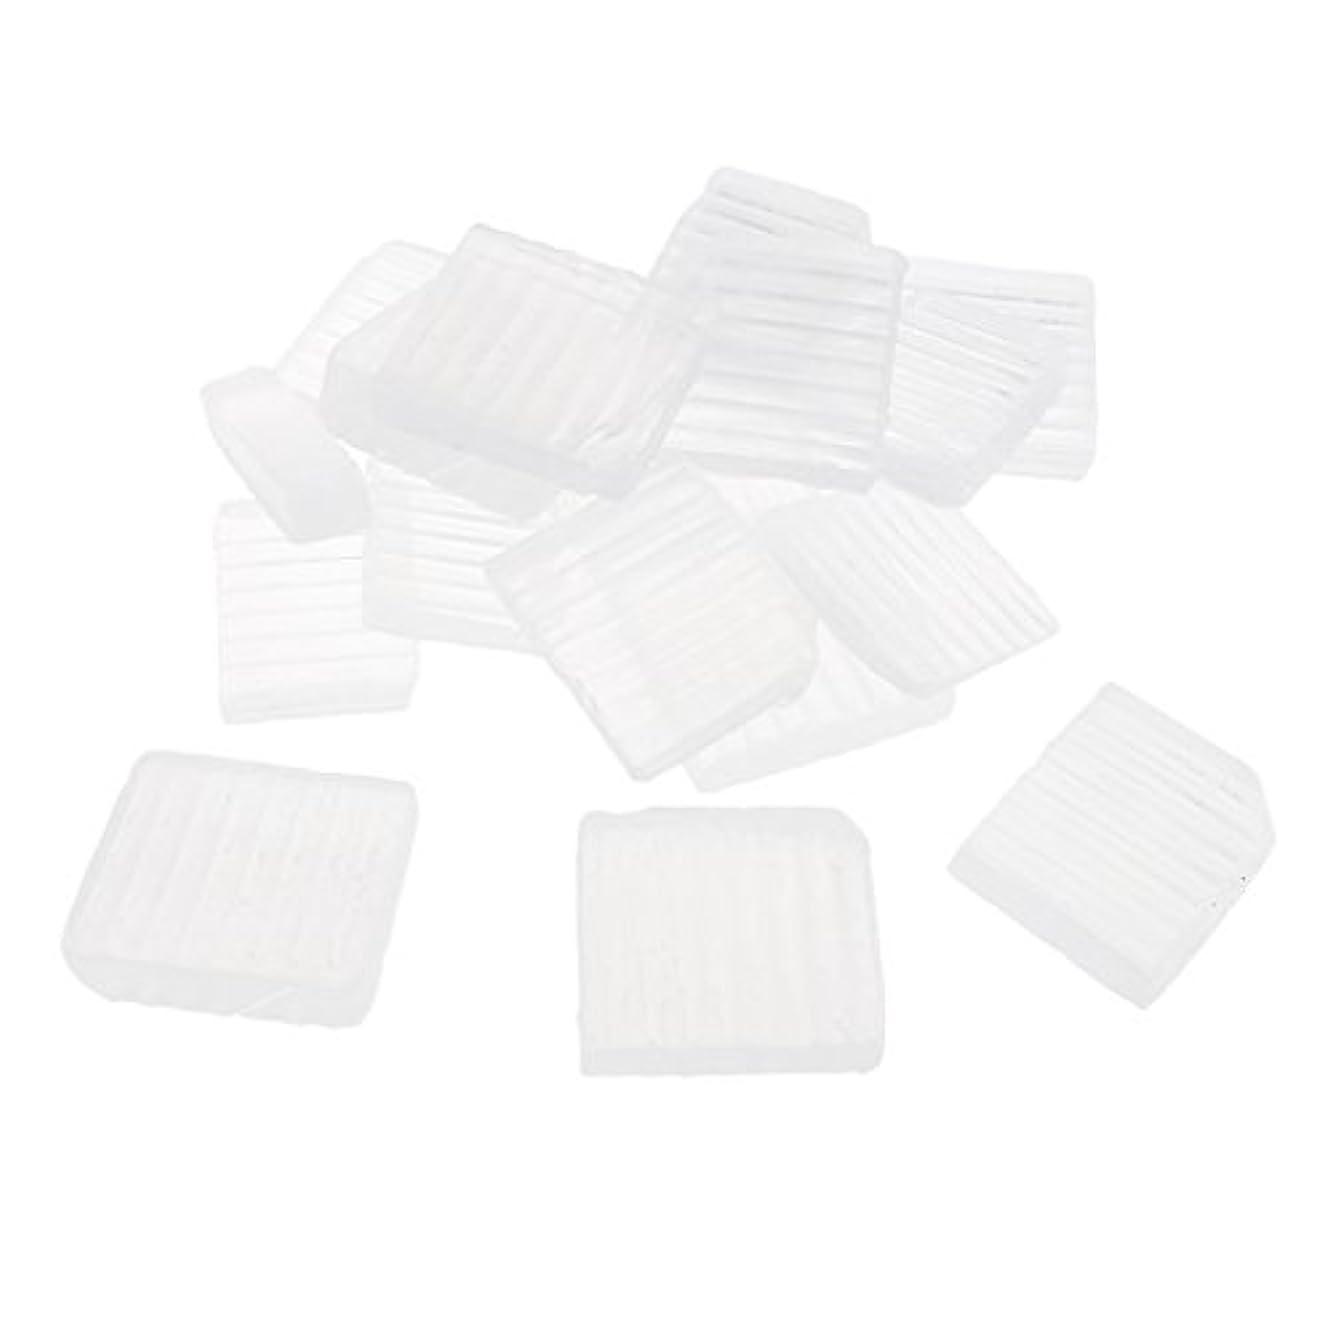 保有者高原グローバル透明 石鹸ベース DIY 手作り 石鹸 約1 KG